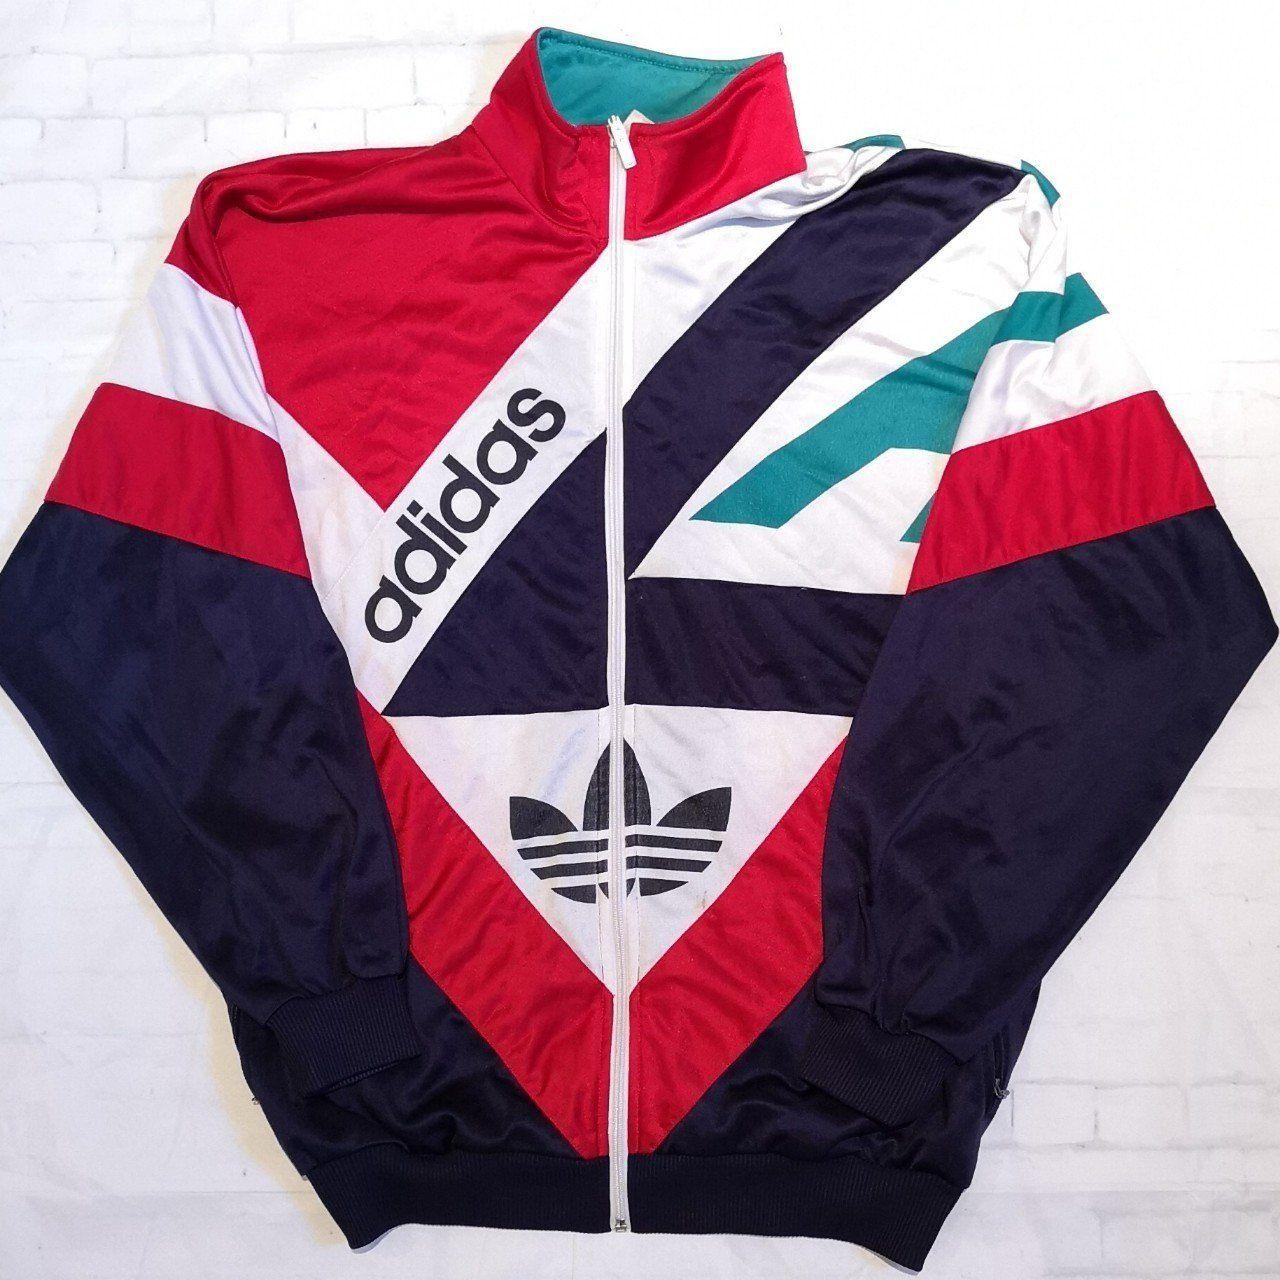 Vintage | Adidas Originals | track top | 90's | Retro Adidas